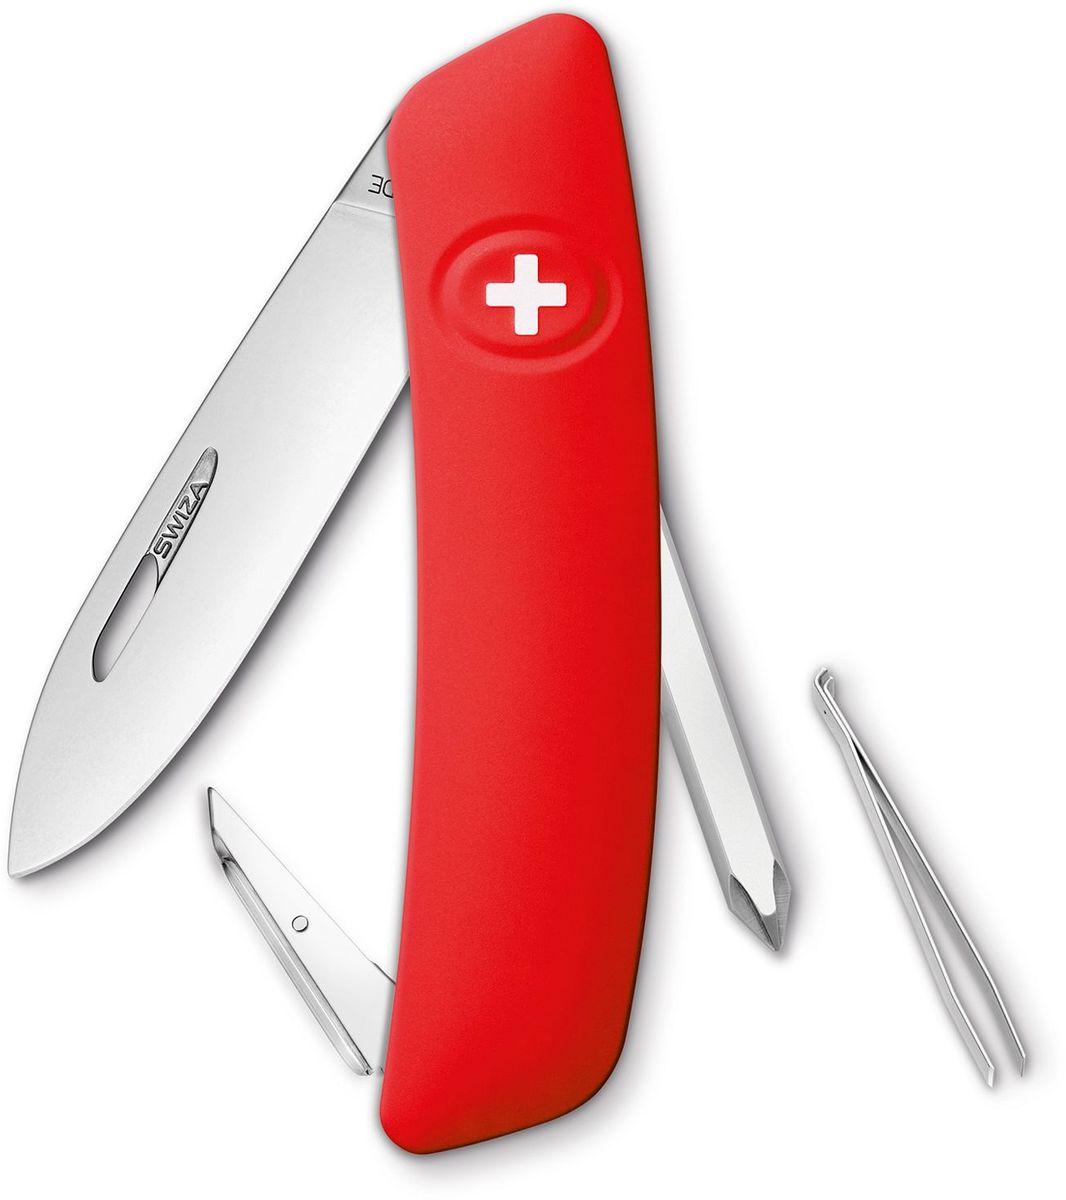 Нож швейцарский SWIZA D02, цвет: красный, длина клинка 7,5 см цена